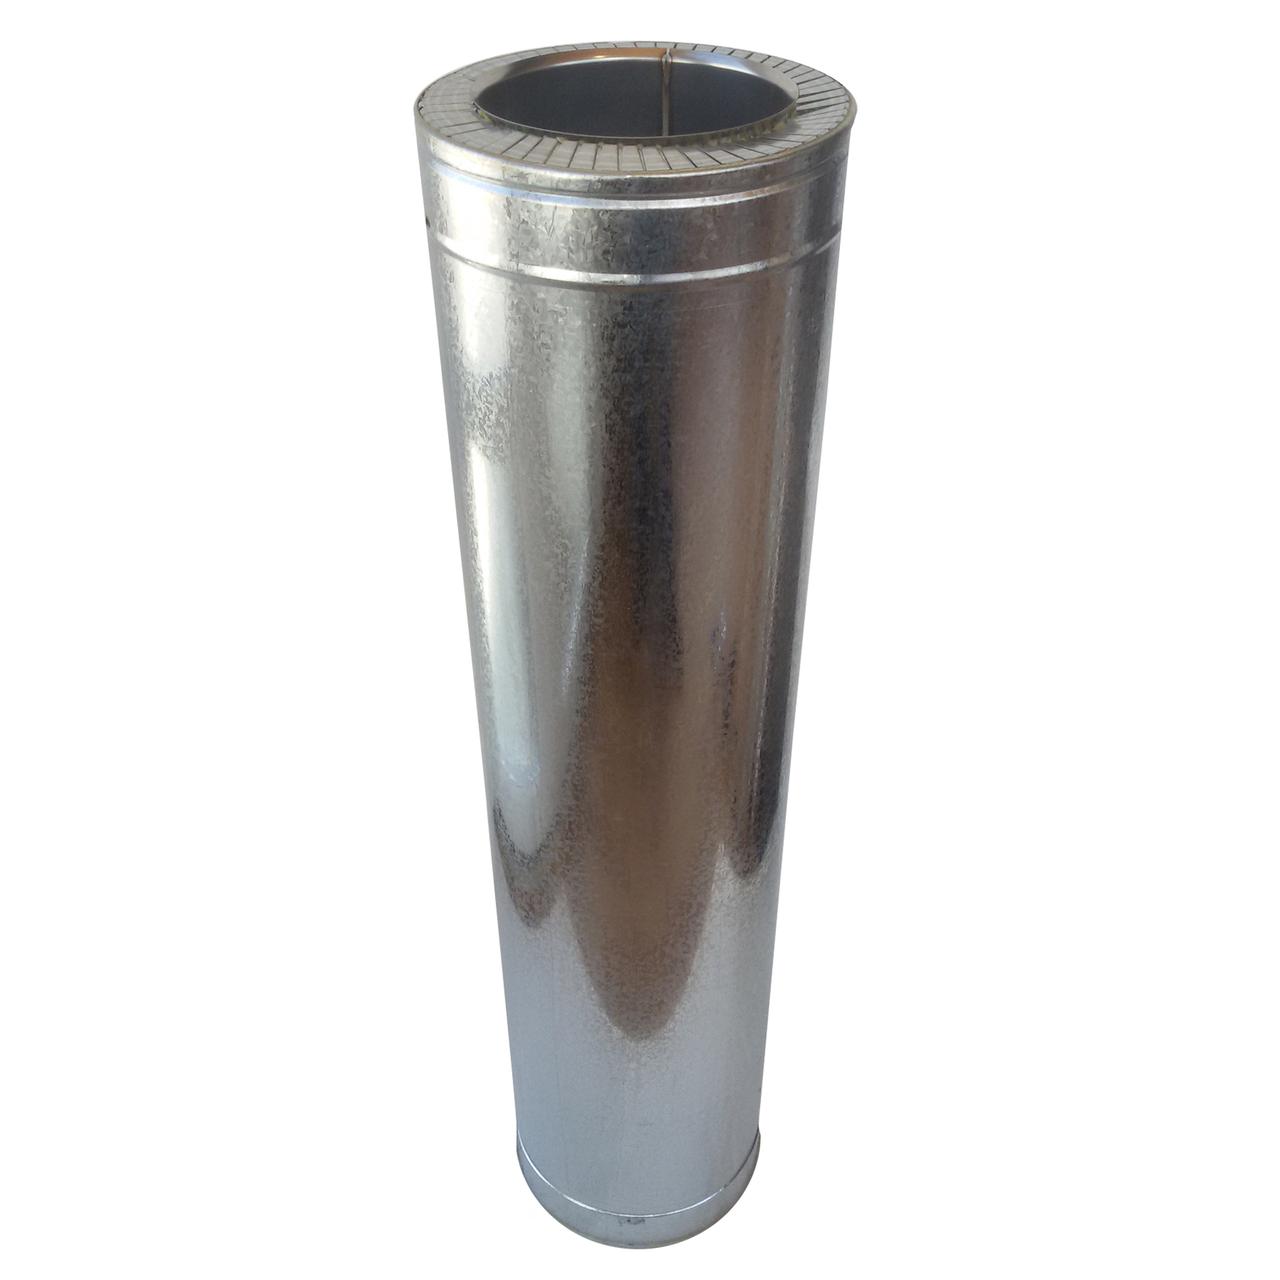 Труба-для димаря сендвіч d 200 мм; 0,5 мм; AISI 304; 1 метр; нержавійка/оцинкування - «Версія-Люкс»